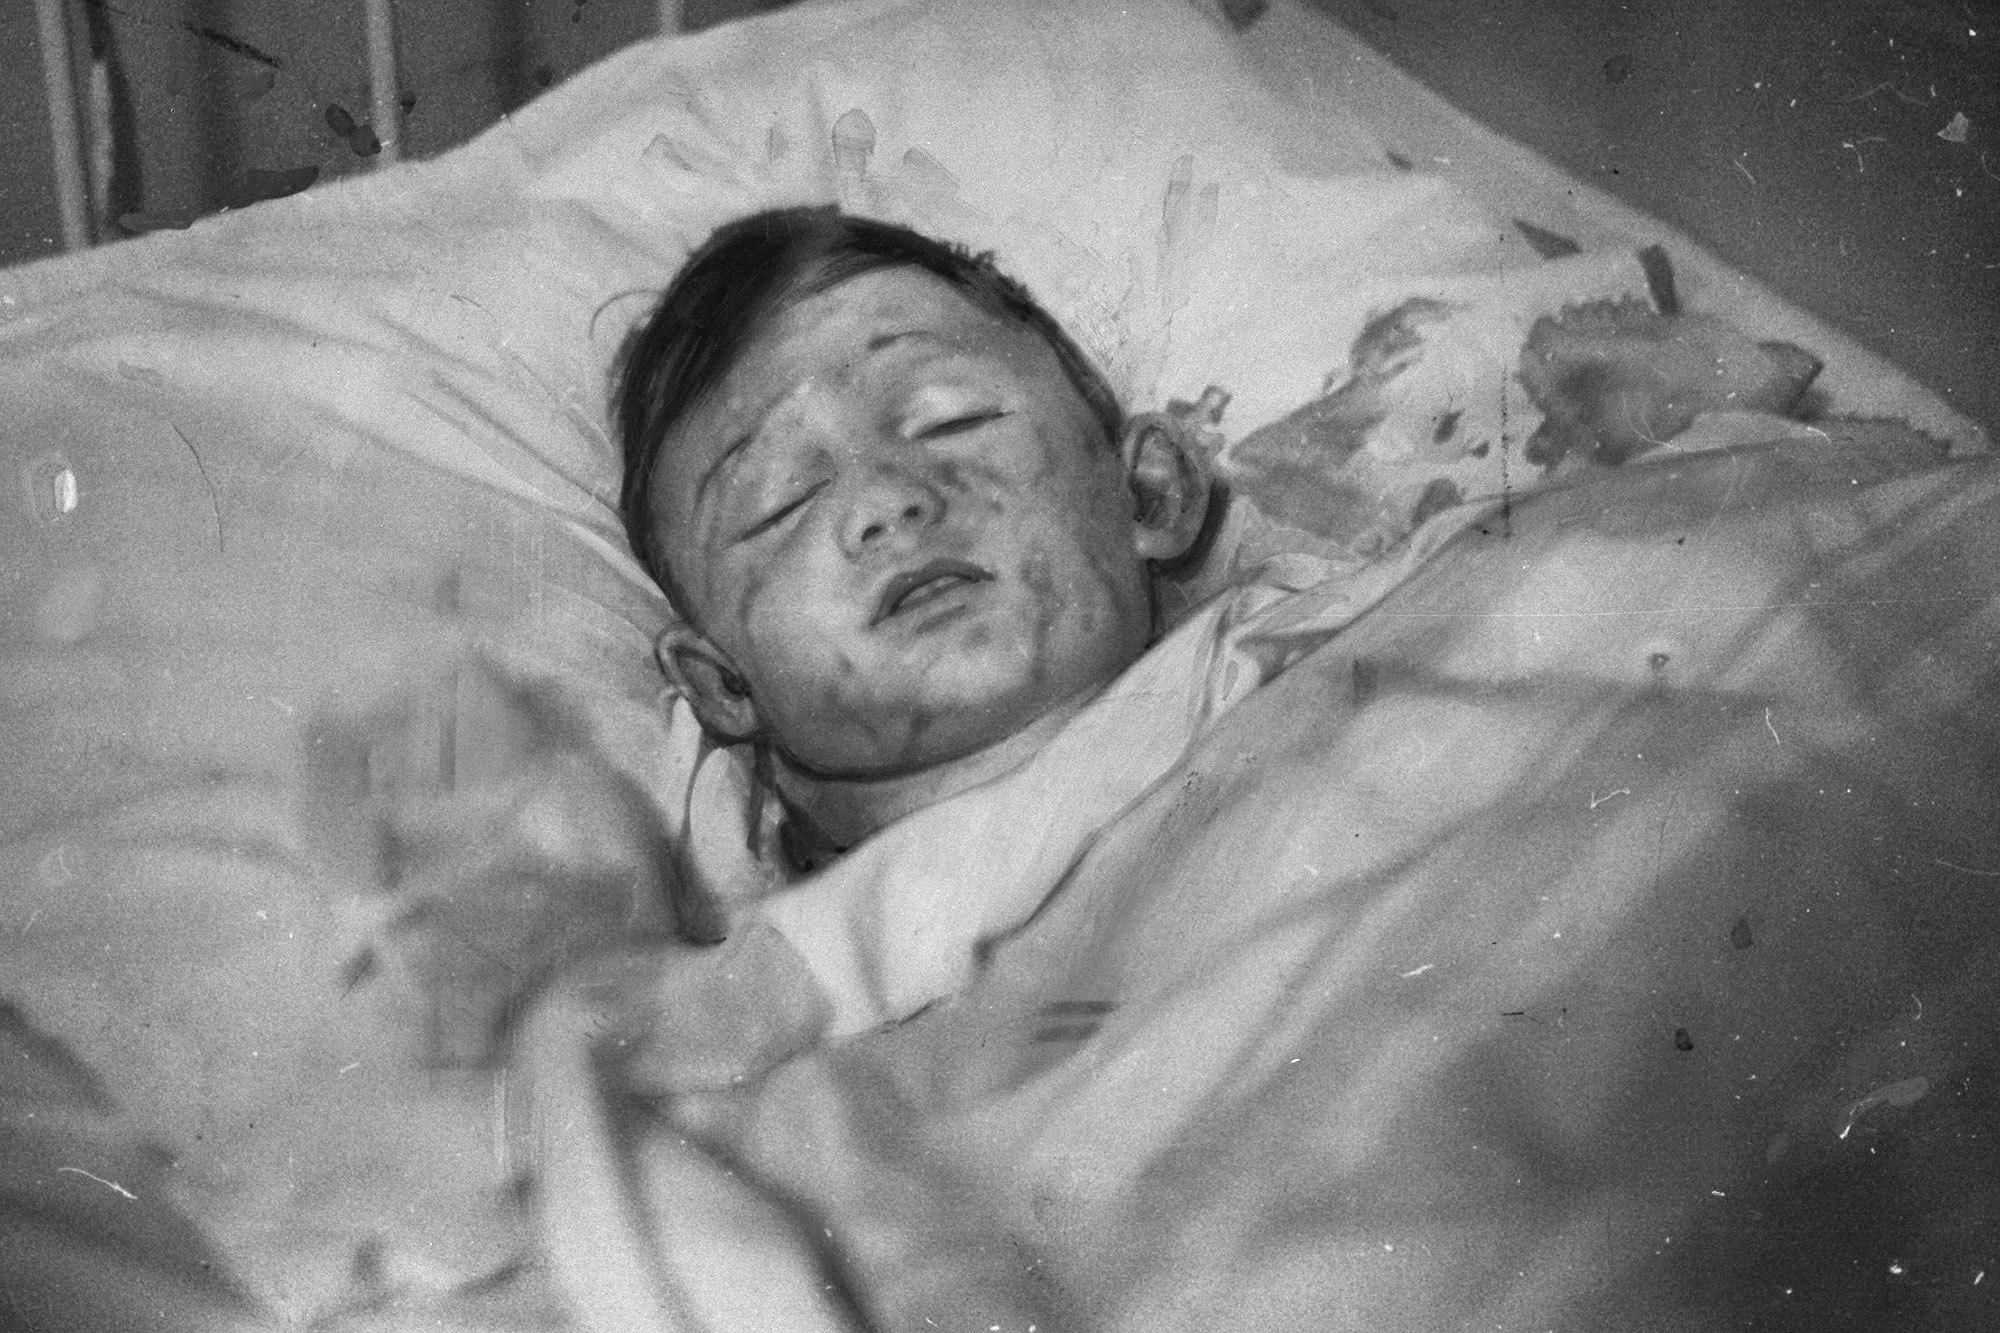 倖存者Werner Doehner被燒傷,在醫院治療。(Getty Images)